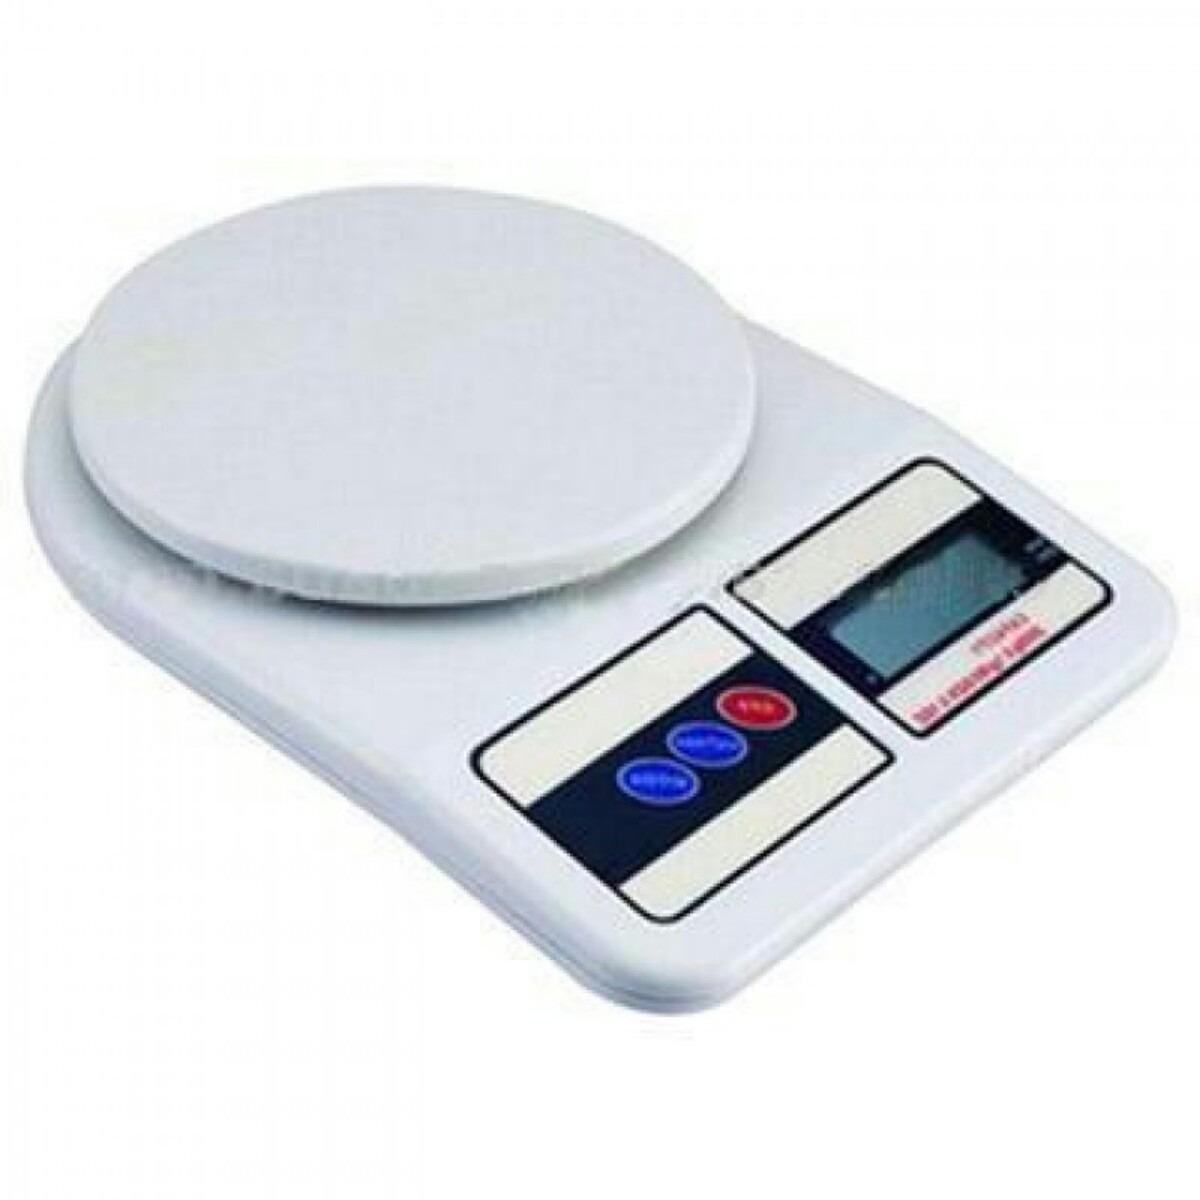 Balança Digital Eletronica Pesa De 1gr A 10kg Melhor Preço R$ 49  #1F30AC 1200x1200 Balança Digital Para Banheiro Comprar